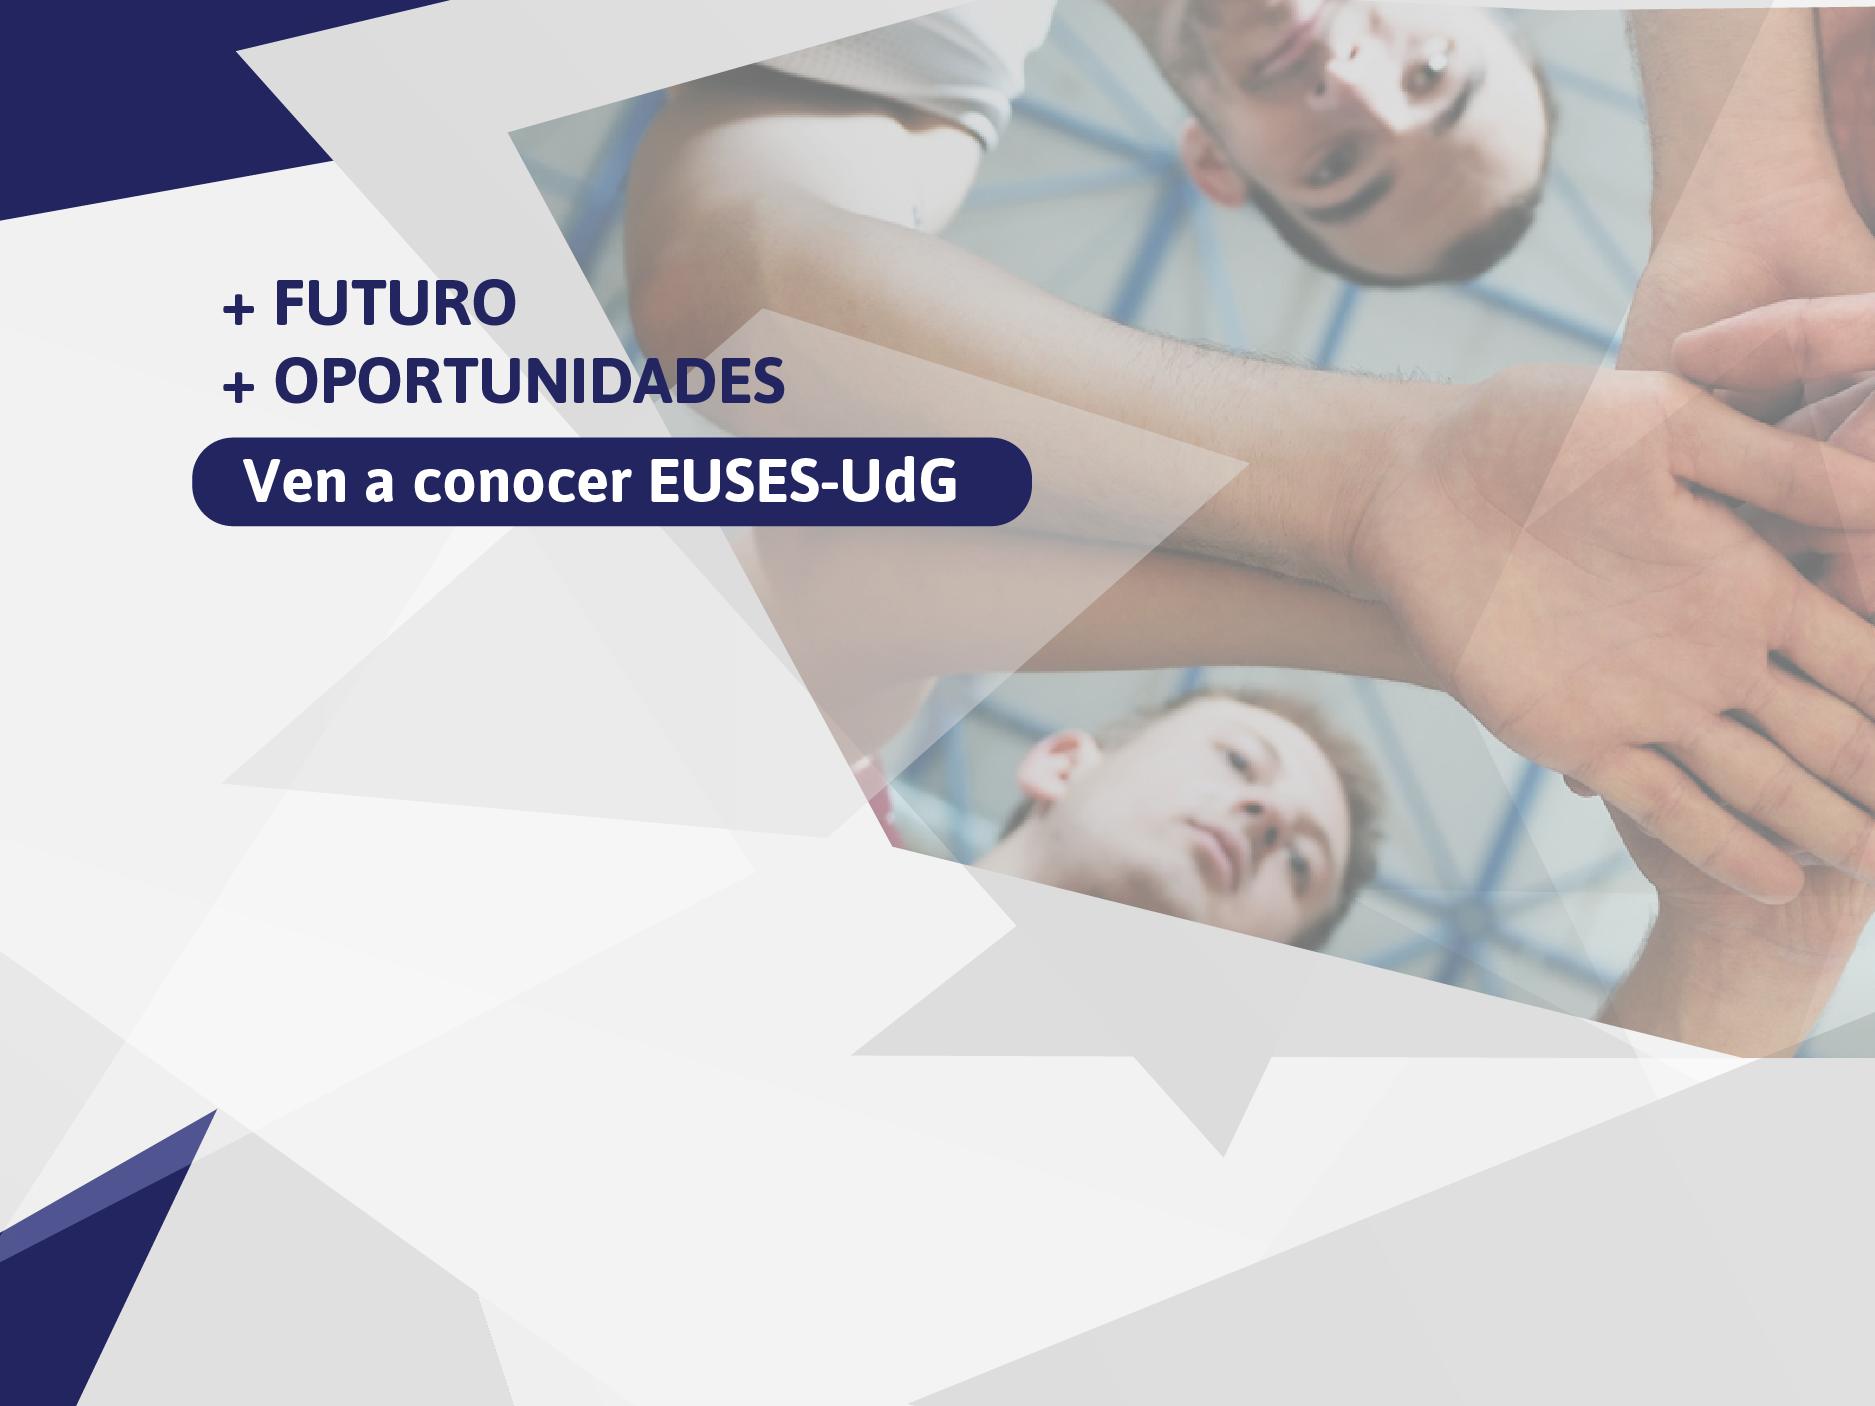 EUSES-UdG, la Universidad de la Salud y el Deporte, celebrará una nueva edición de las Jornadas de Puertas Abiertas